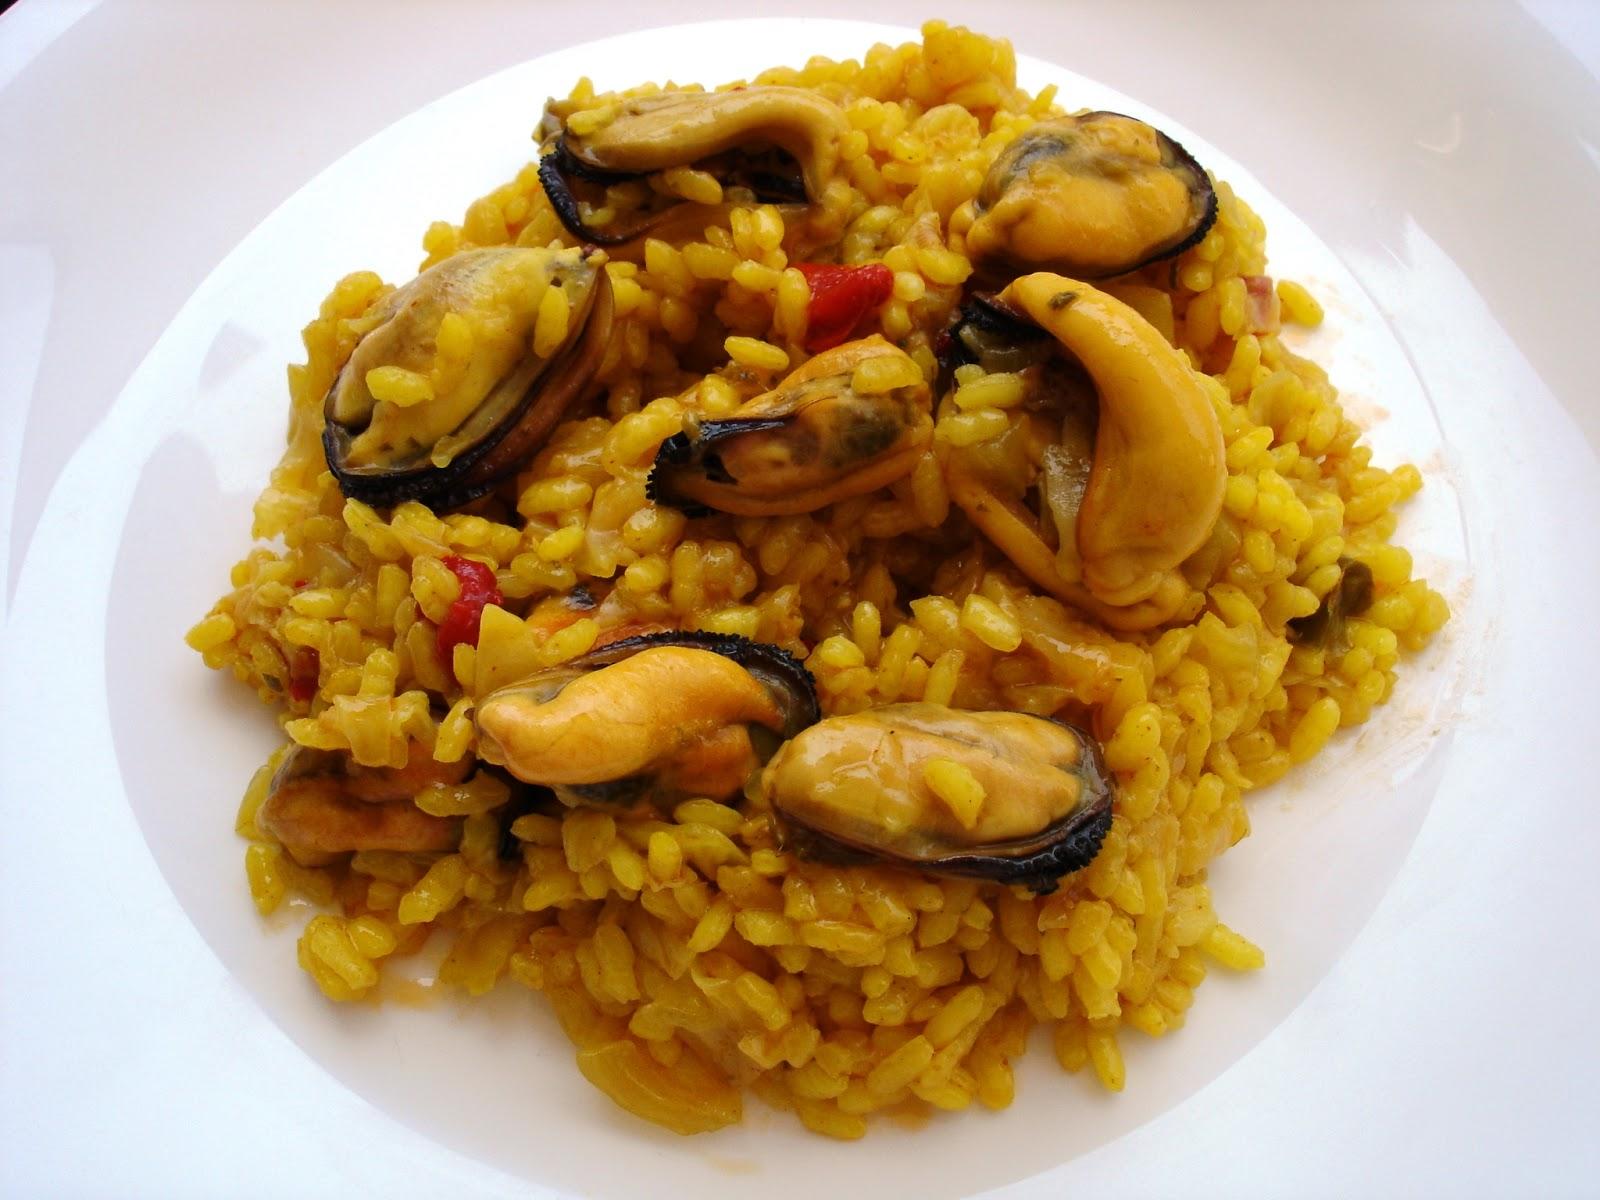 arroz repollo mejillones receta facil sano